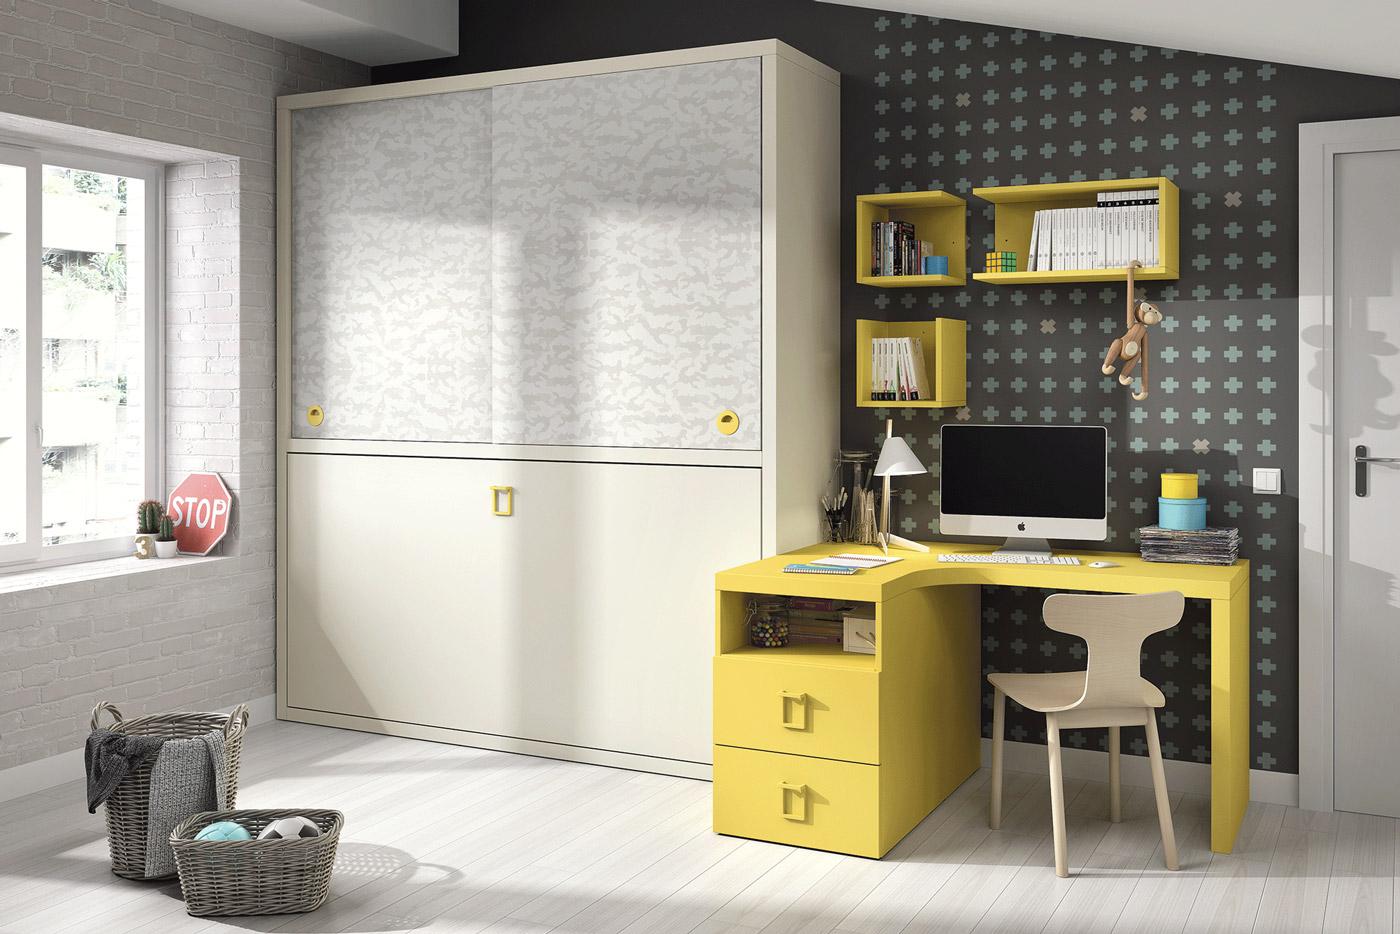 Cama Convertible Horizontal Duratón. Dormitorio Juvenil con Cama Horizontal Muebles Díaz